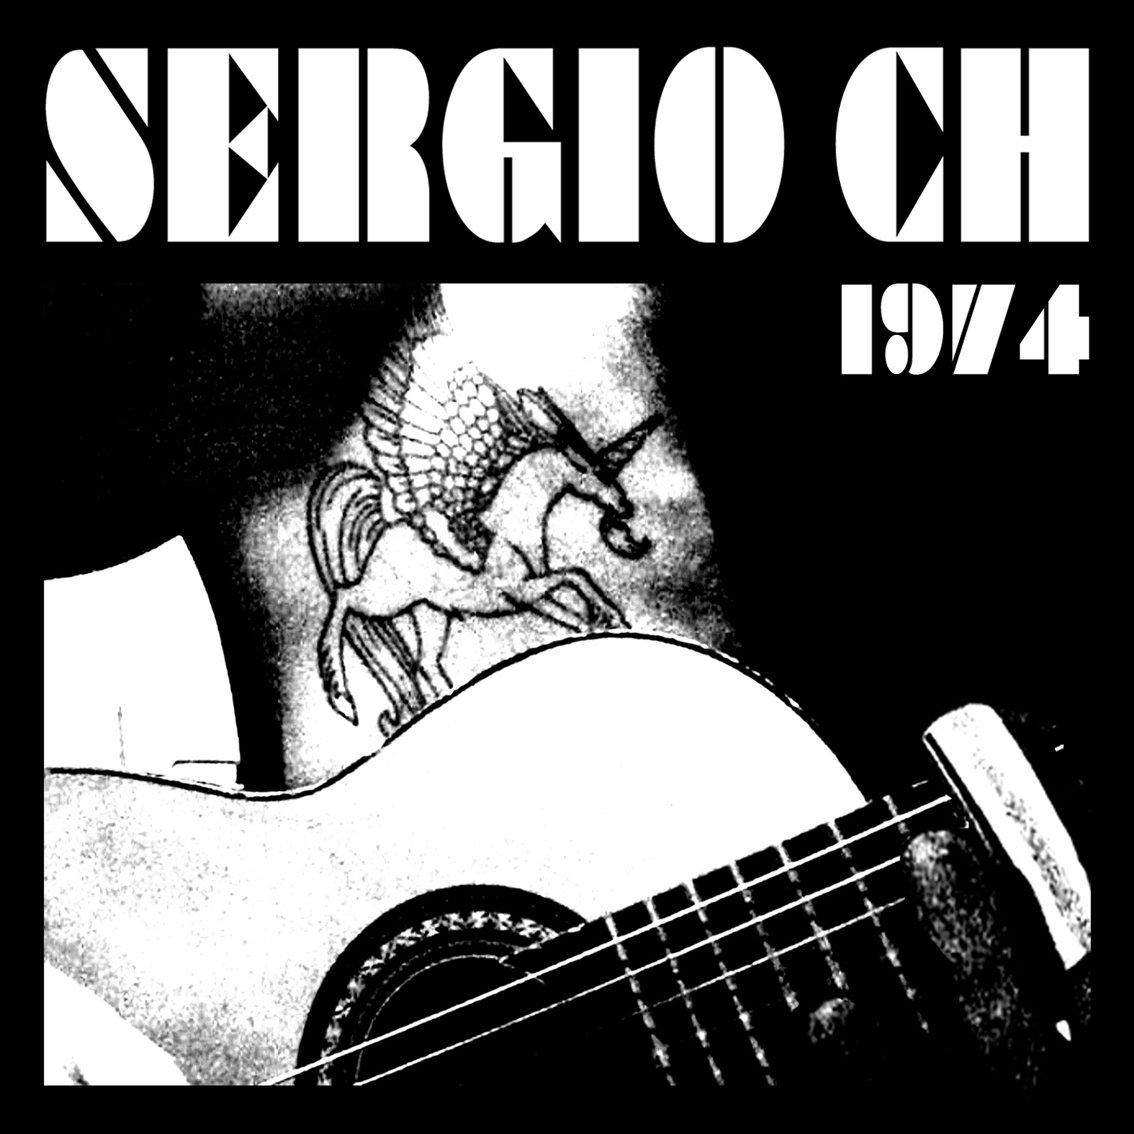 Sergio Ch - 1974